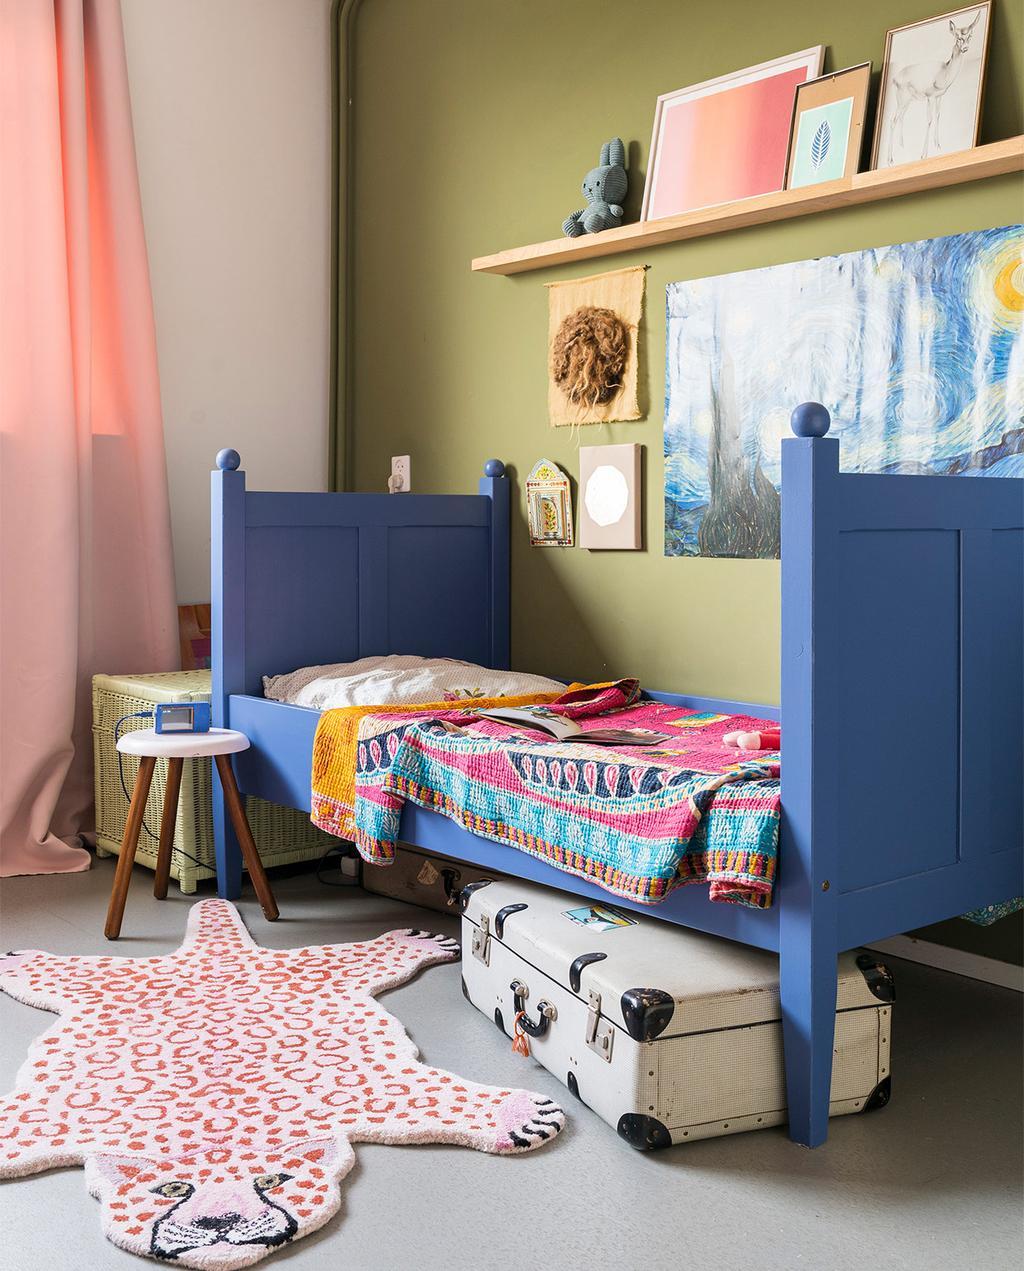 vtwonen 07-2021 | blauw bed in kinderkamer met geverfde leidingen